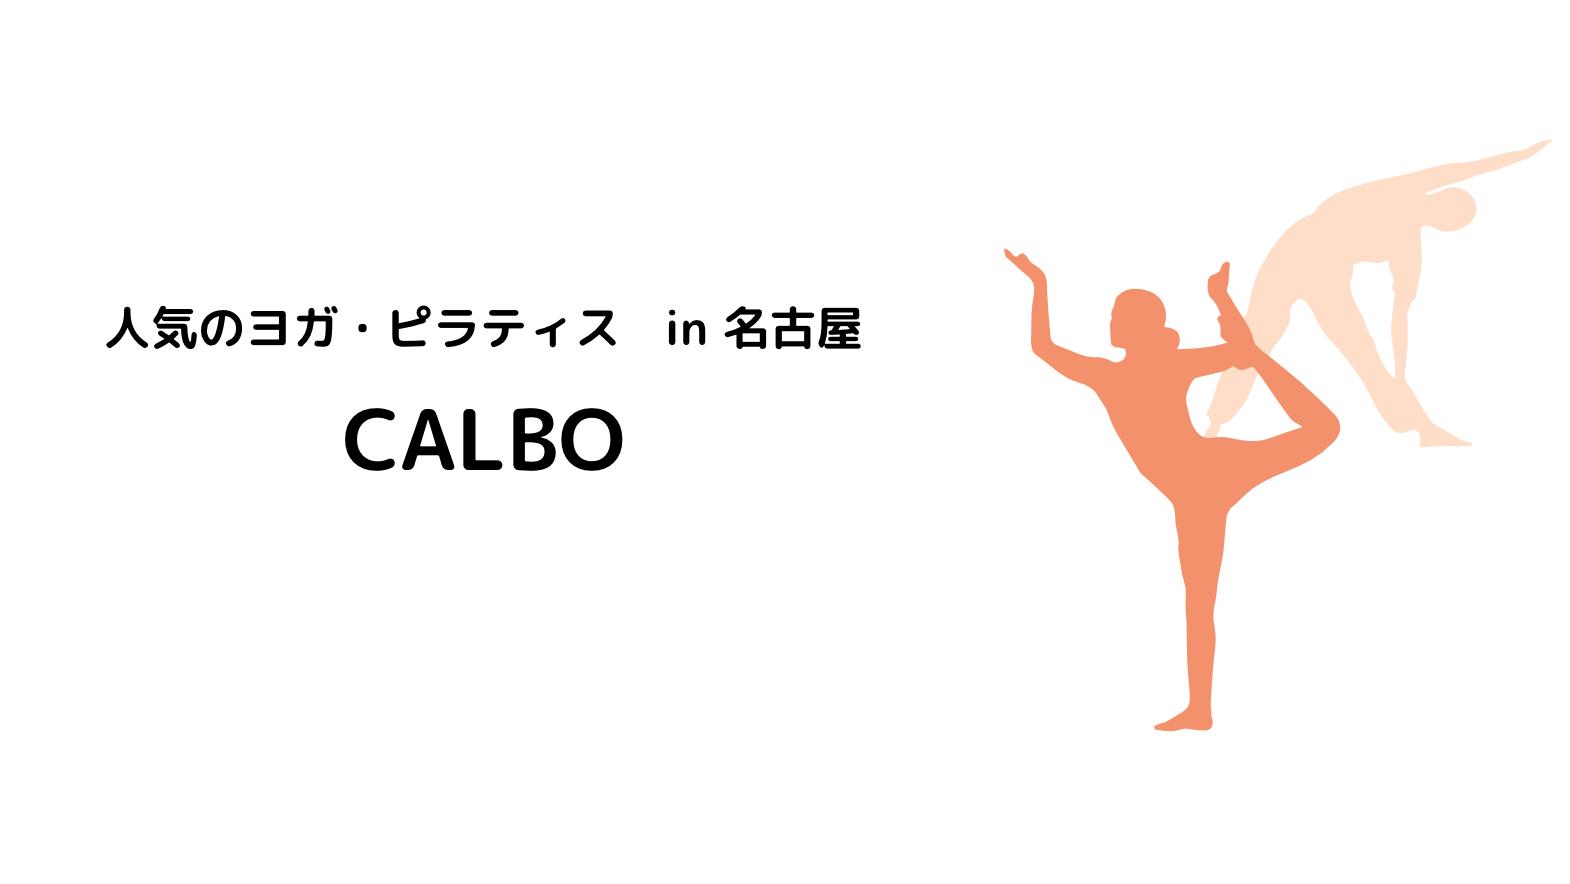 名古屋_ジム_ヨガ_ピラティス_おすすめ_人気_CALBO